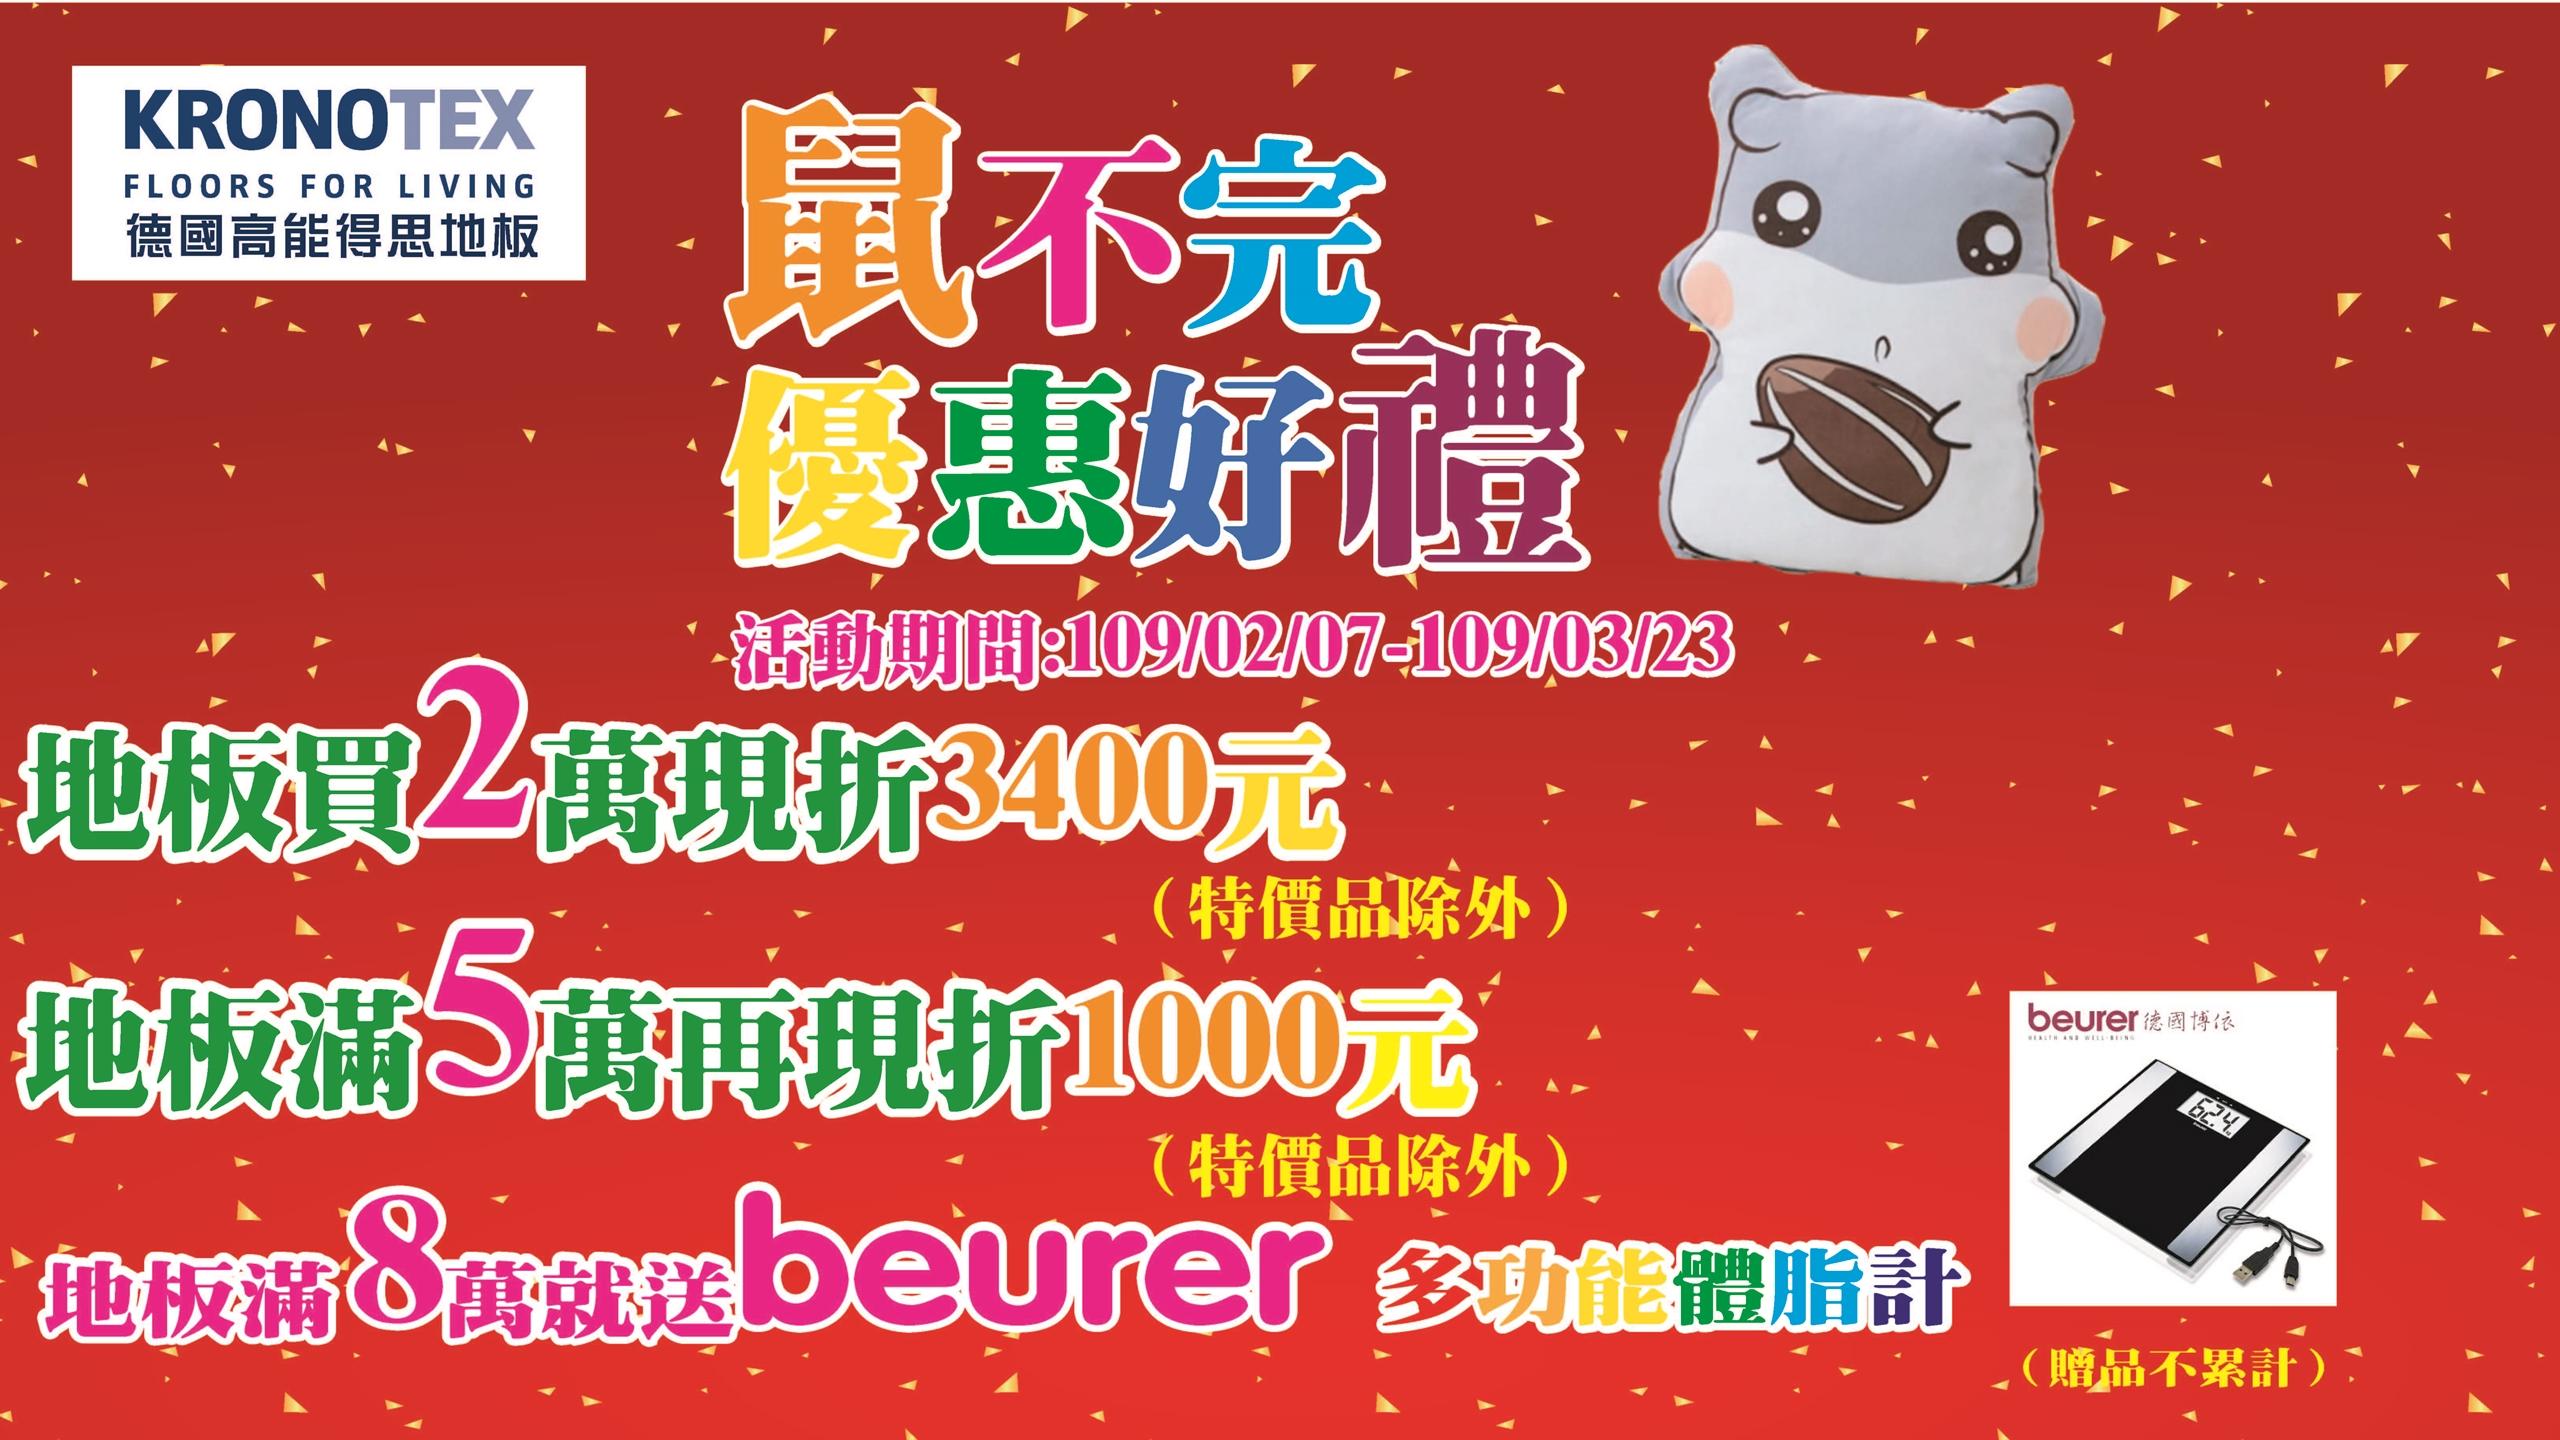 1060207-0323-吉祥如意新春好禮優惠DM-A4n